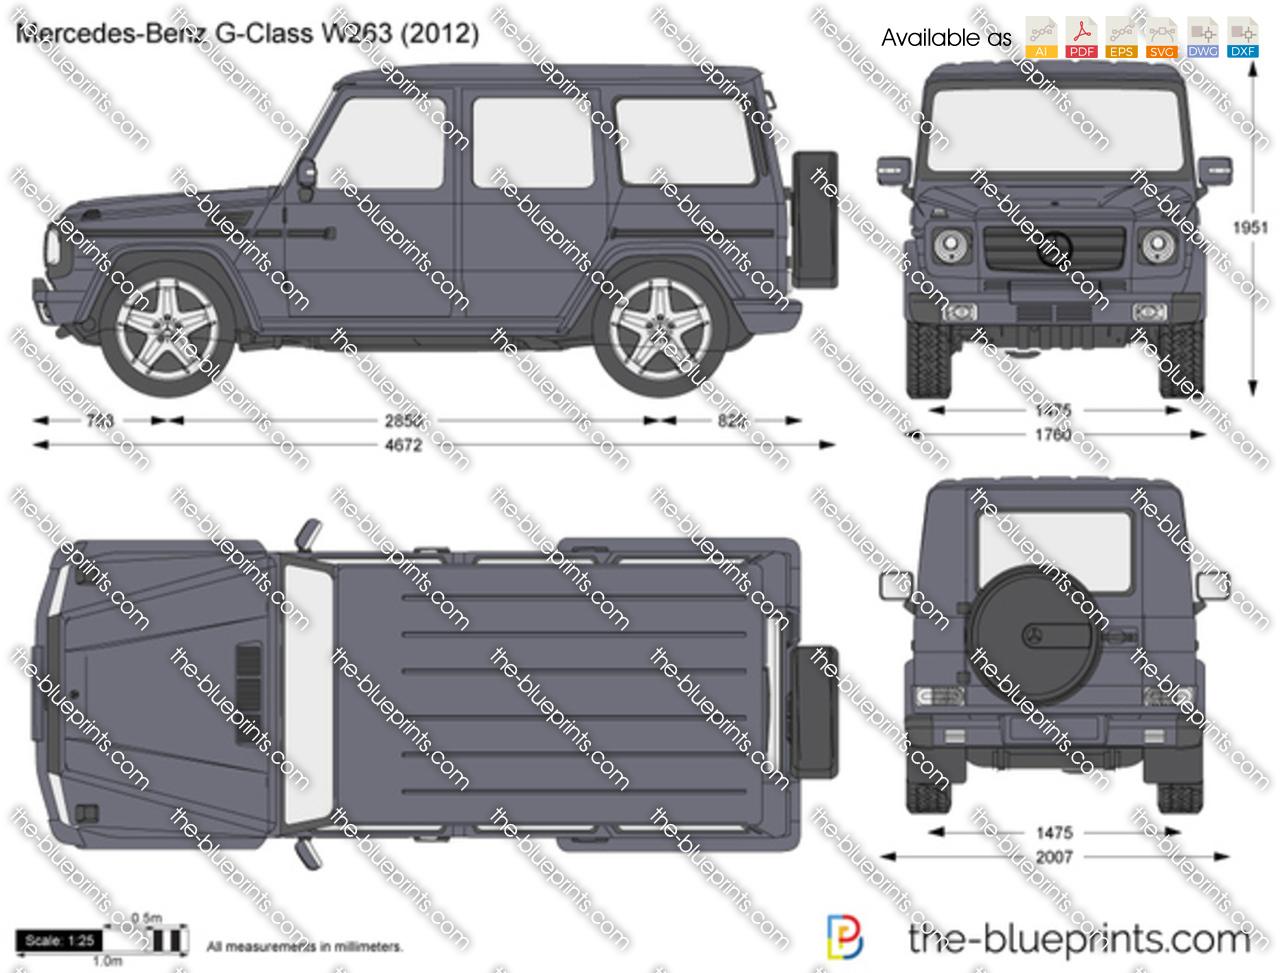 Mercedes-Benz G-Class W263 2014